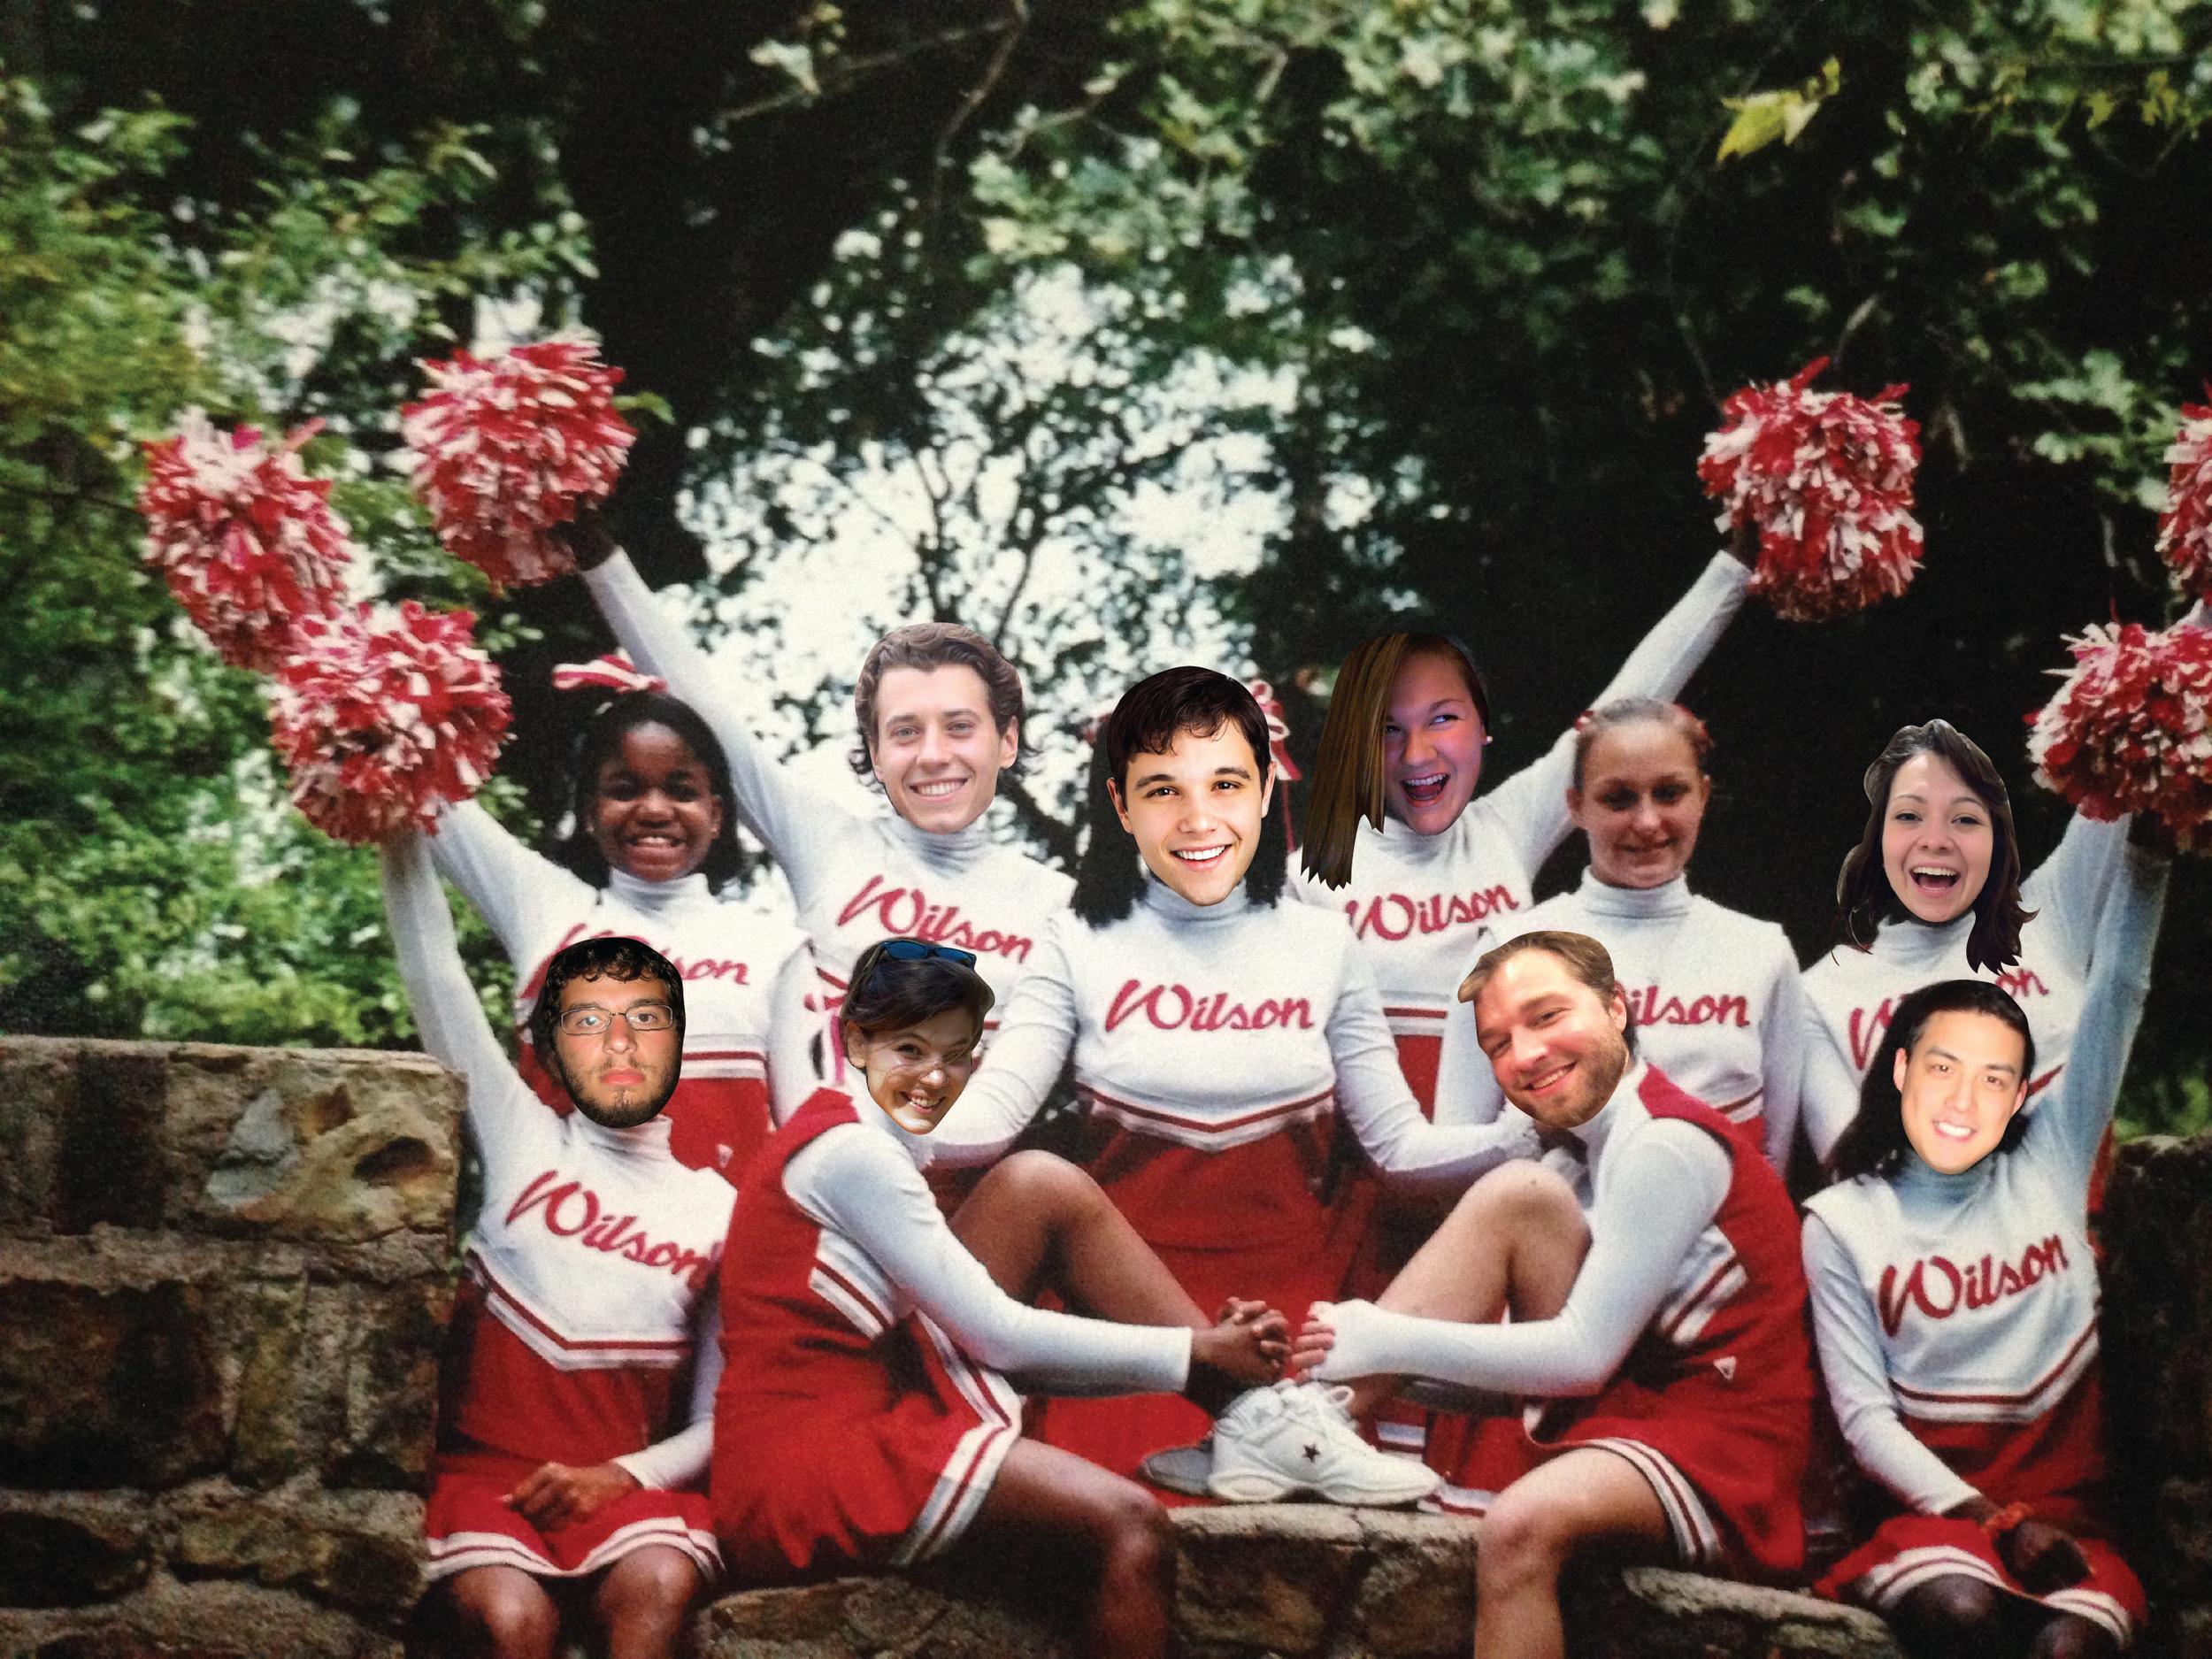 ACME Cheerleaders